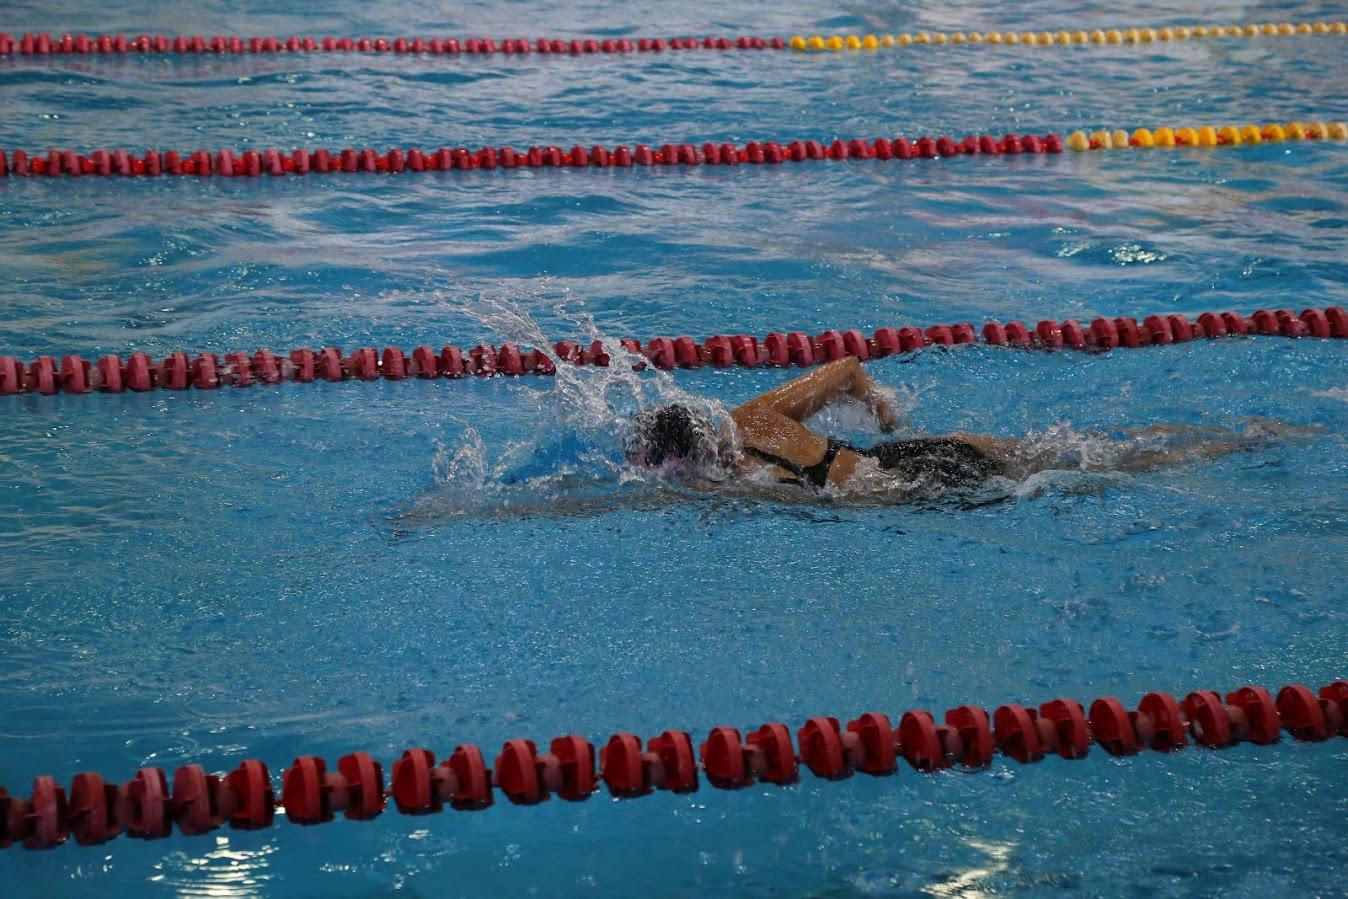 Около 300 спортсменов ожидается на первом этапе Кубка России по плаванию спорта лиц с ПОДА в Республике Башкортостан